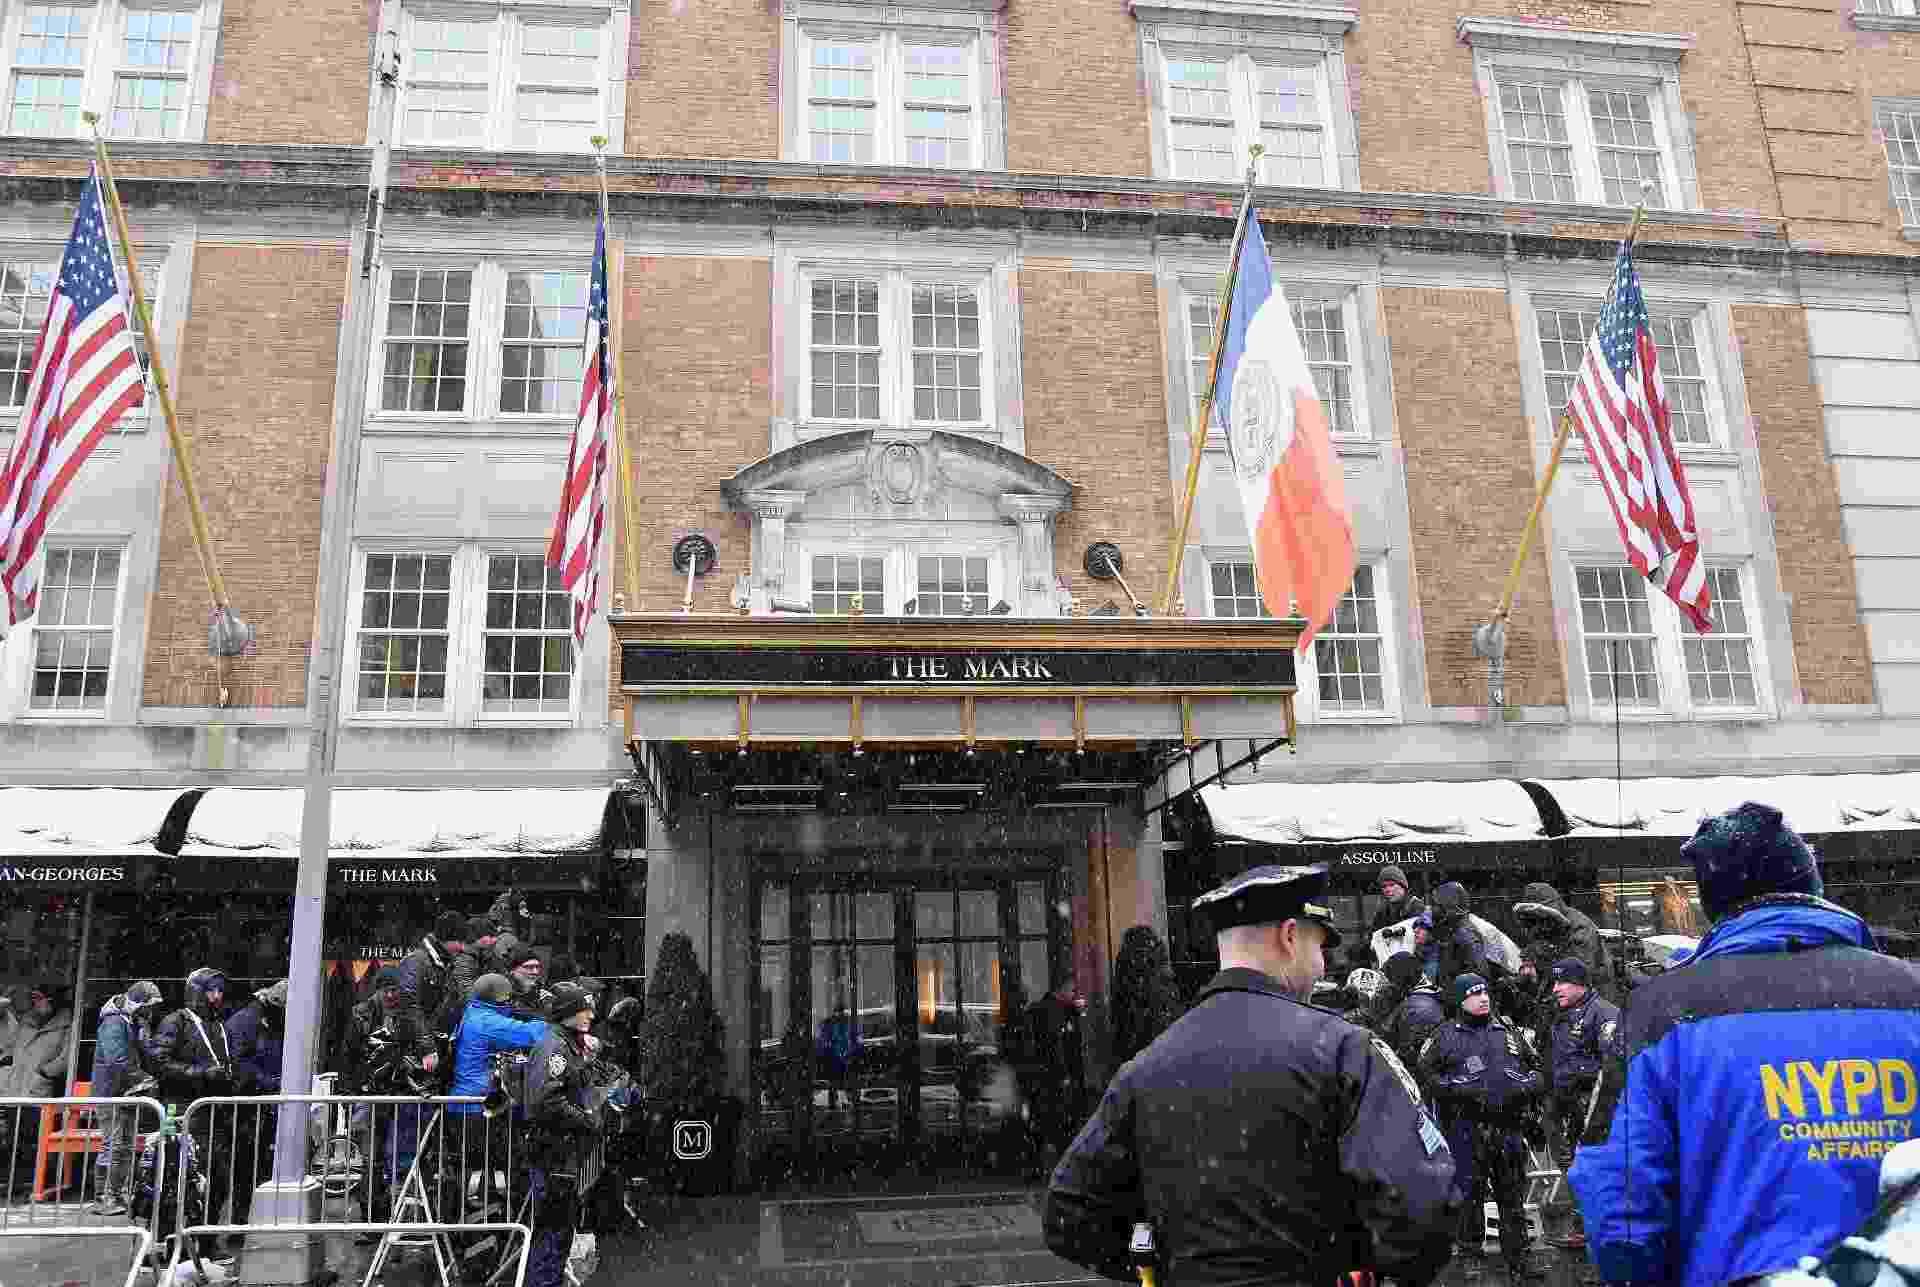 A entrada do The Mark Hotel, onde a festa aconteceu, no Upper East Side, em Nova York - Reuters